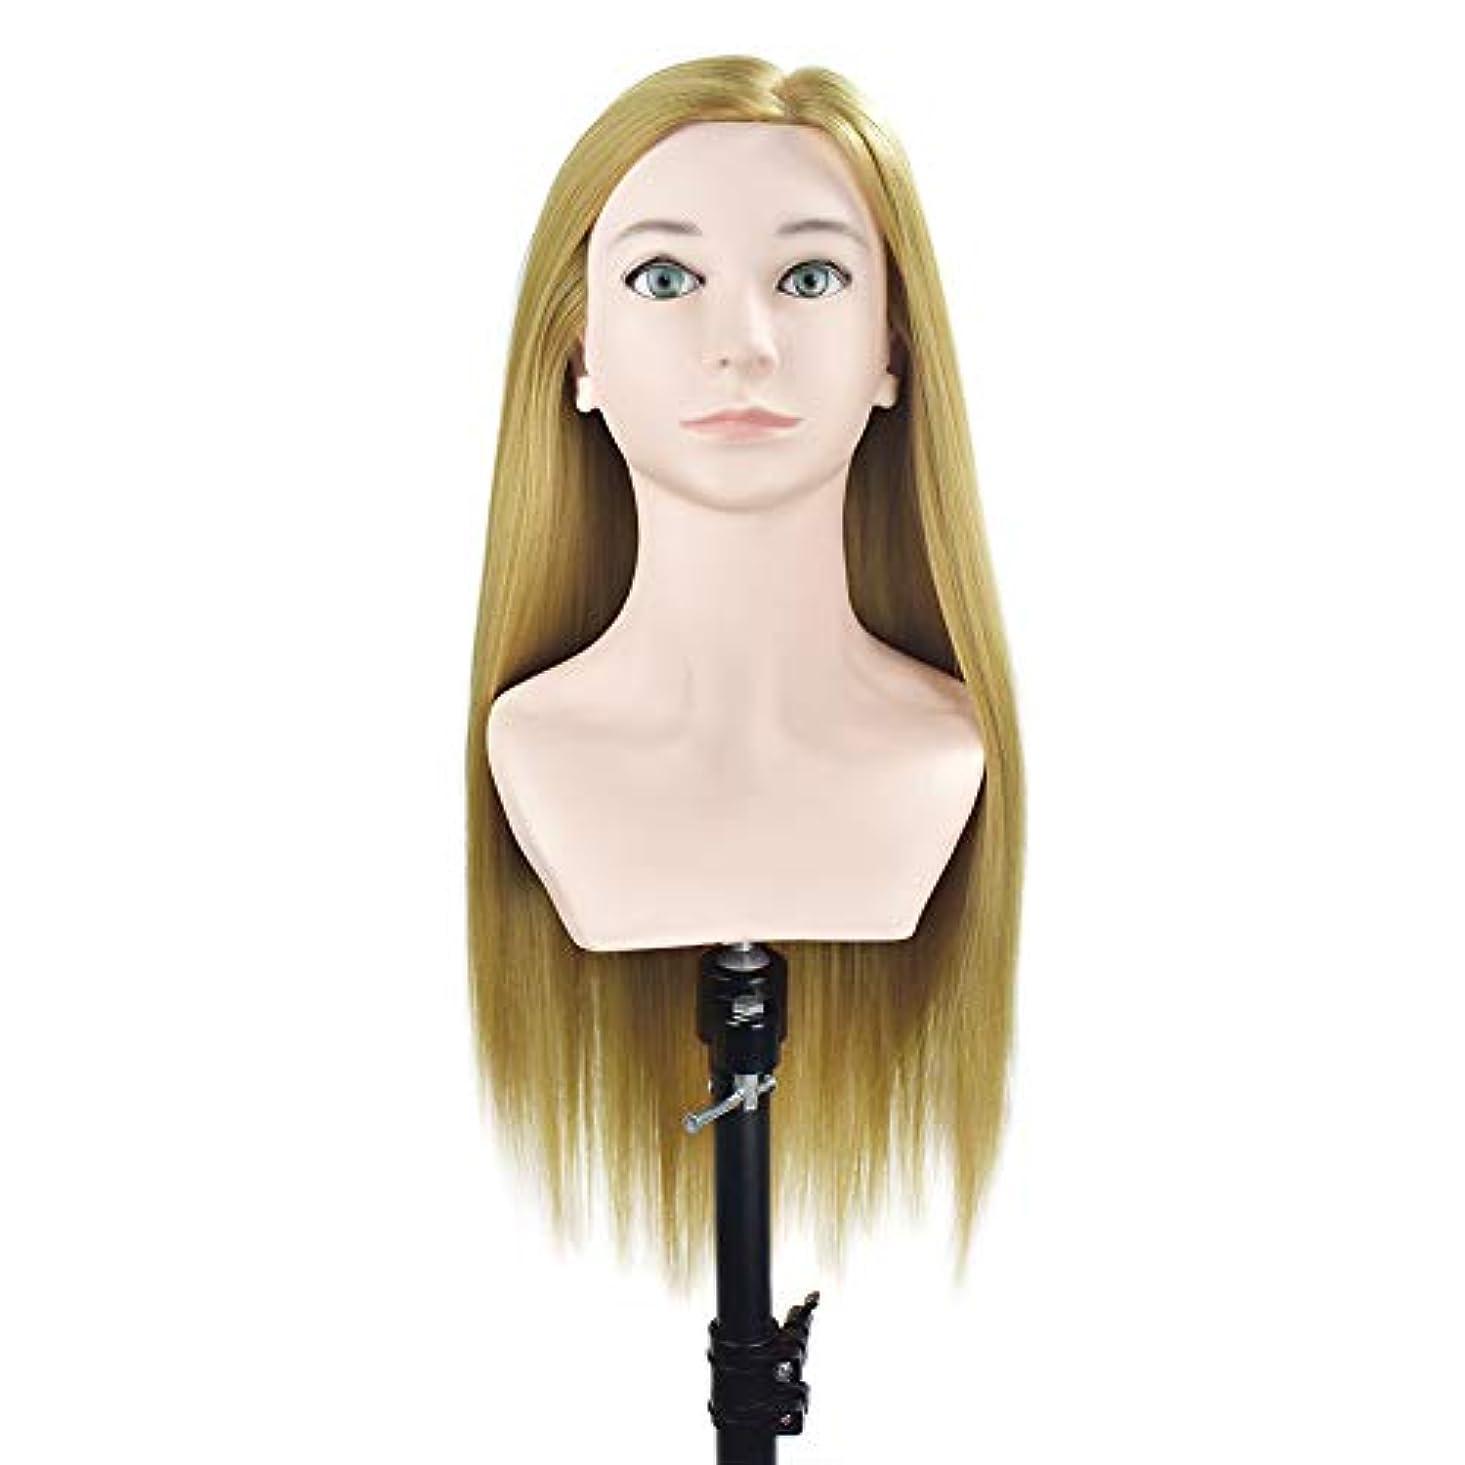 マイルドジャニスサロンの髪の編み物の美容指導の頭スタイリングのヘアカットのダミーヘッドのメイク肩の学習マネキンの頭